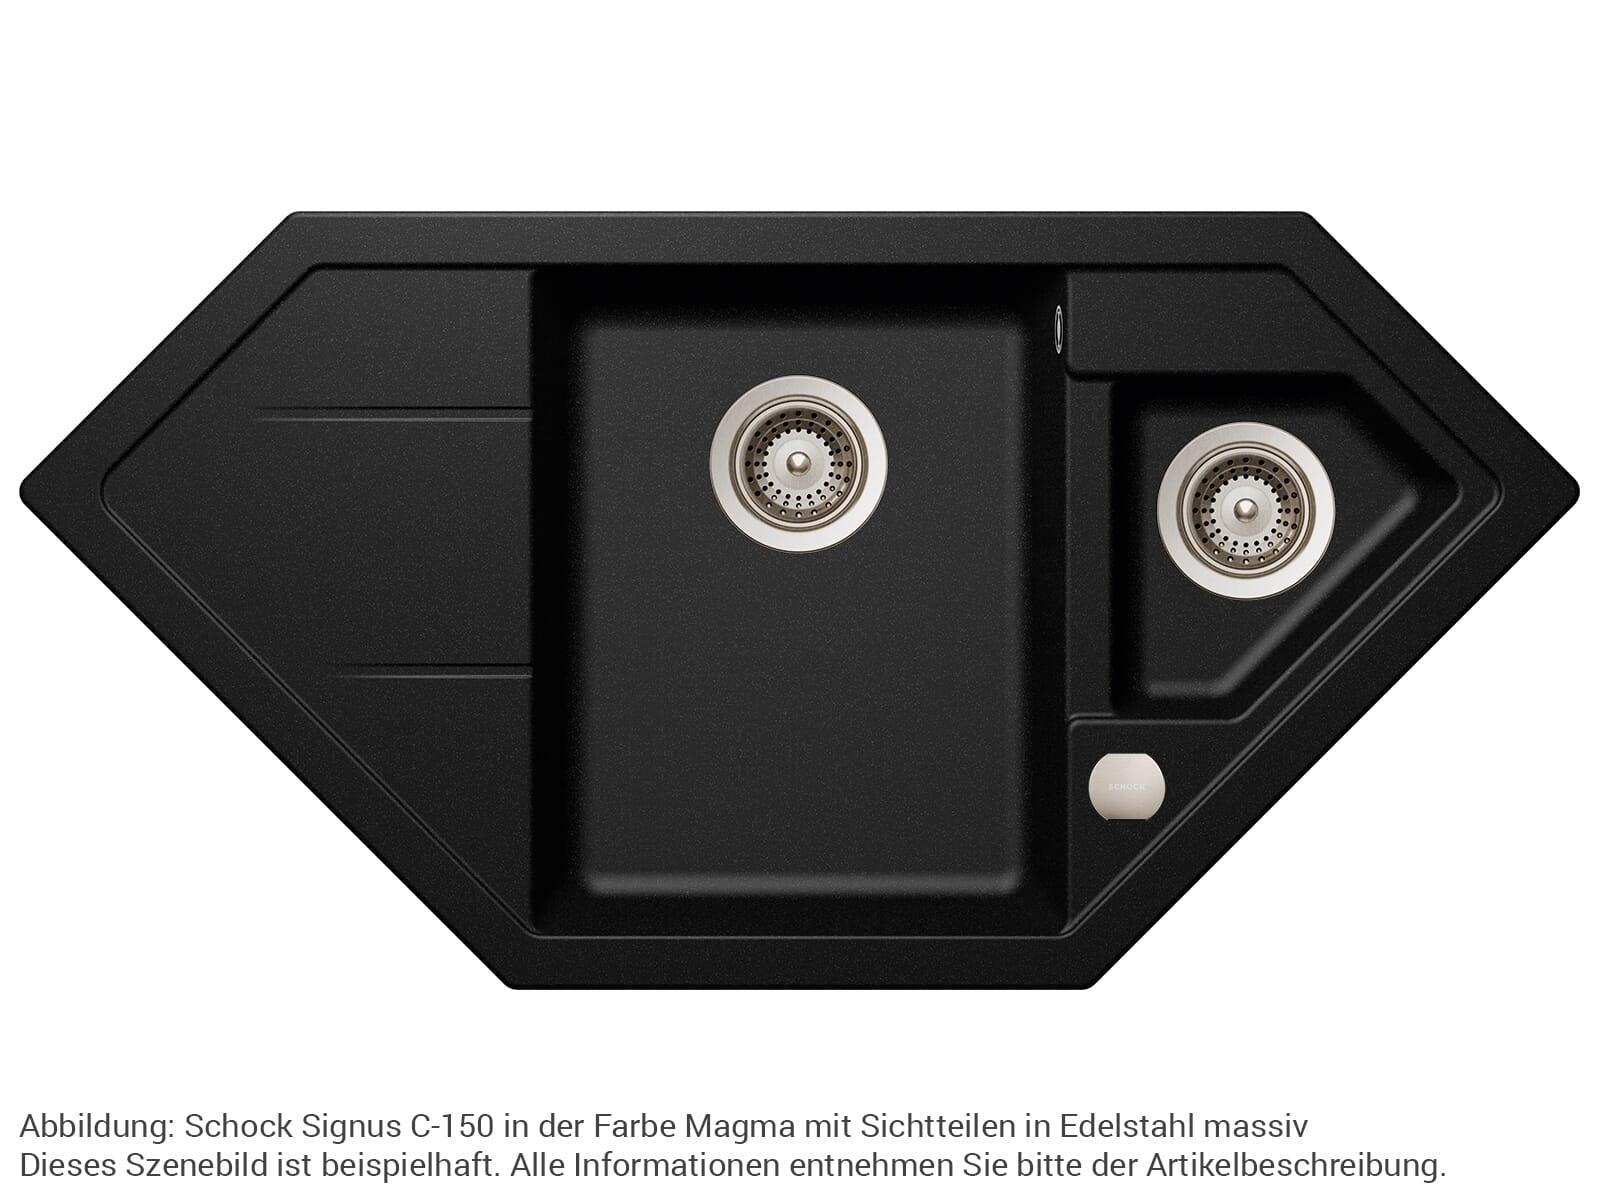 Schock 629305EDM - Sichtteile Edelstahl massiv